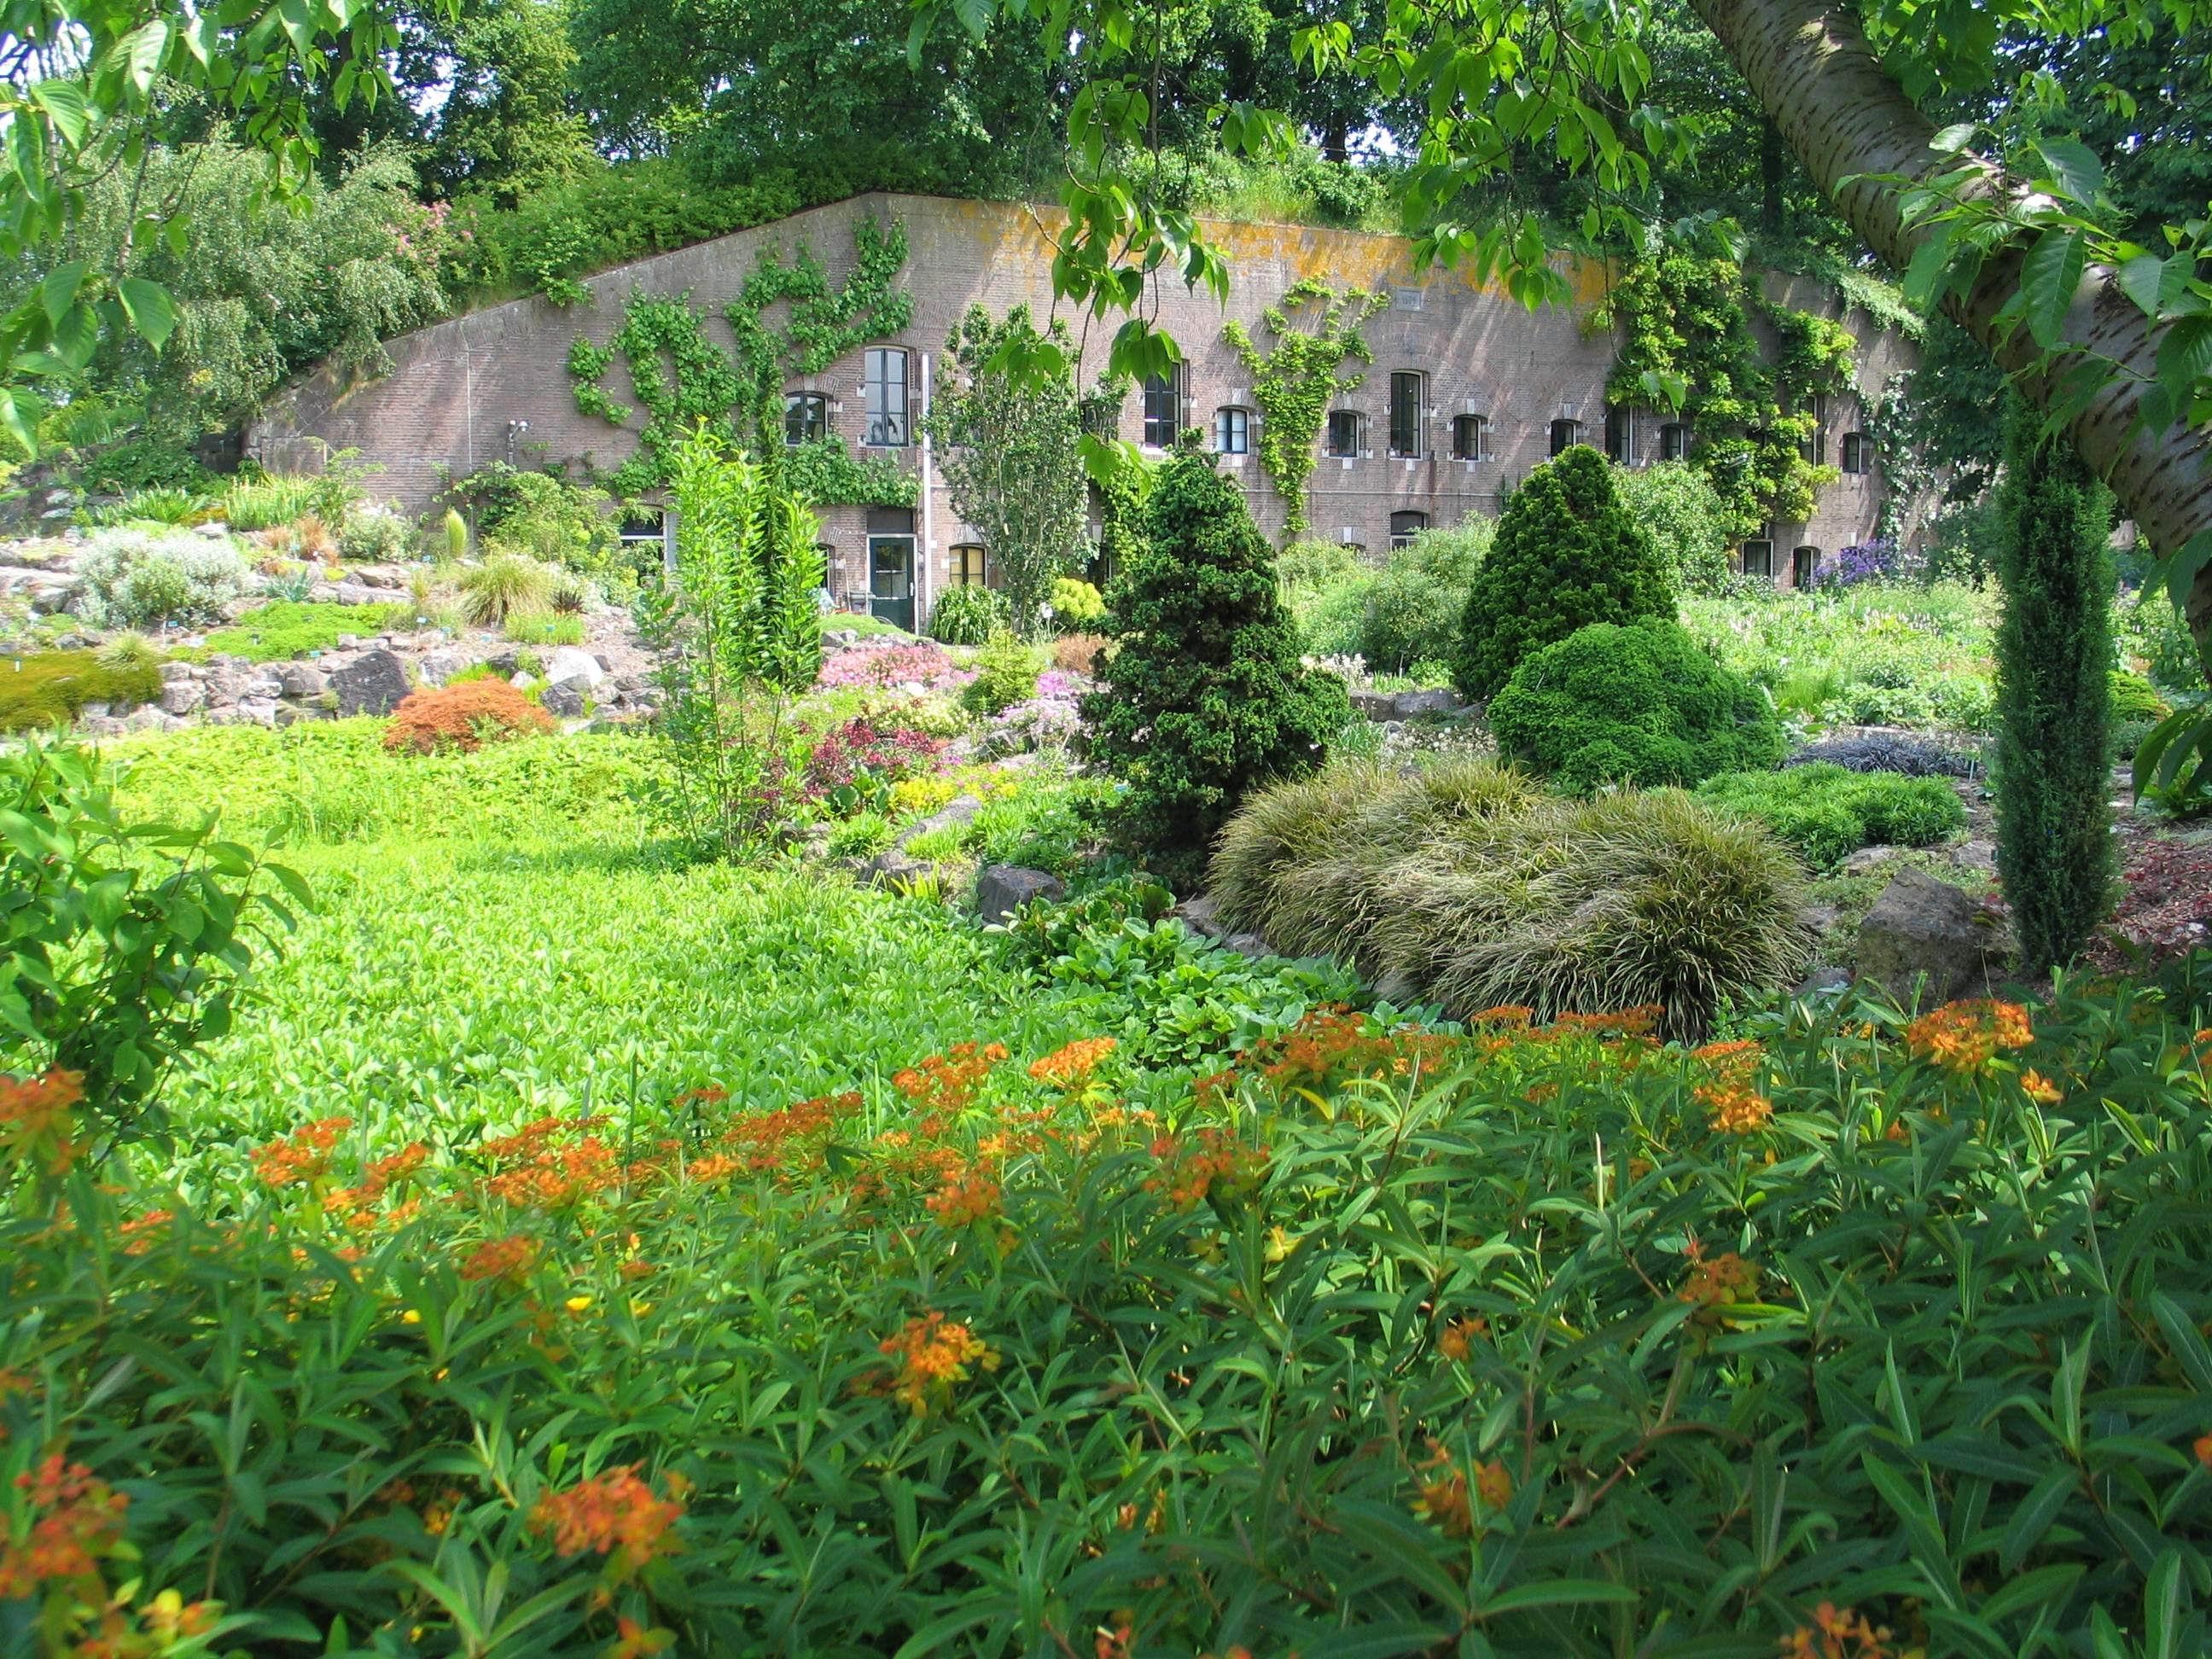 zicht op het fort in de botanische tuinen, in weelderige bloei in de zomer